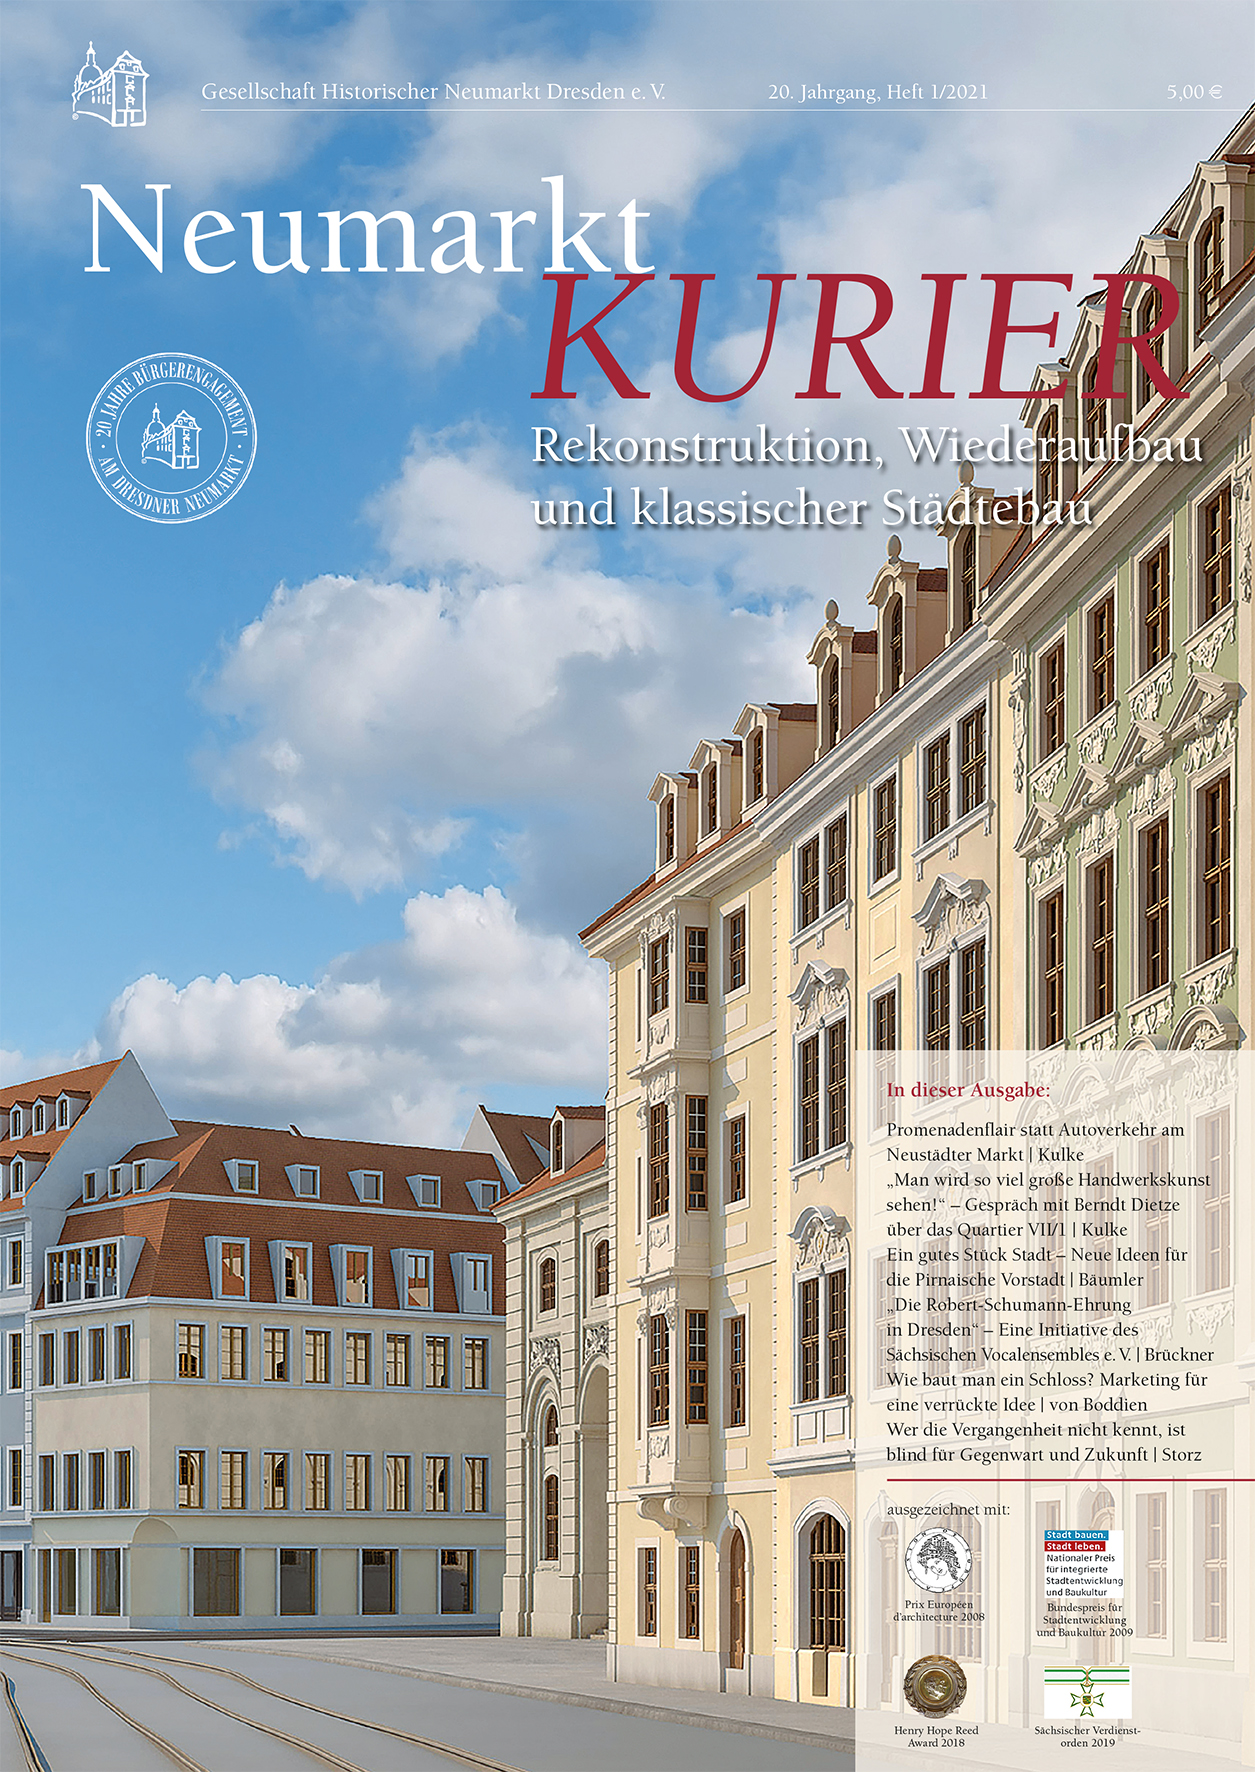 Neumarkt-Kurier 1 2021.qxp_Layout 1